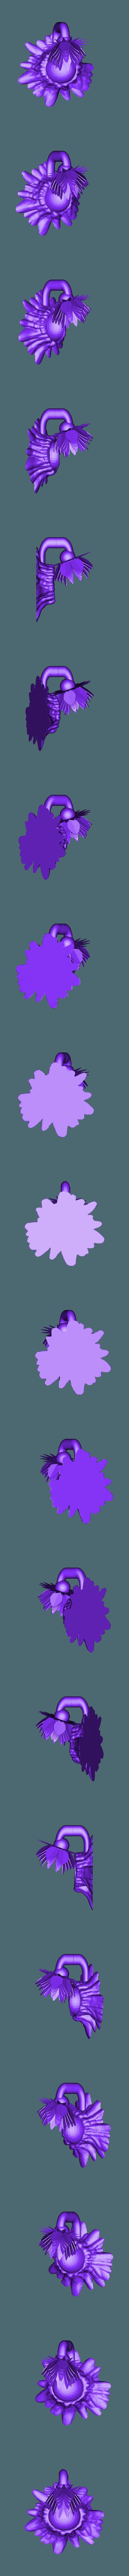 Flower Fountain (2).stl Télécharger fichier STL gratuit Fontaine à fleurs • Plan pour impression 3D, MinerBatman